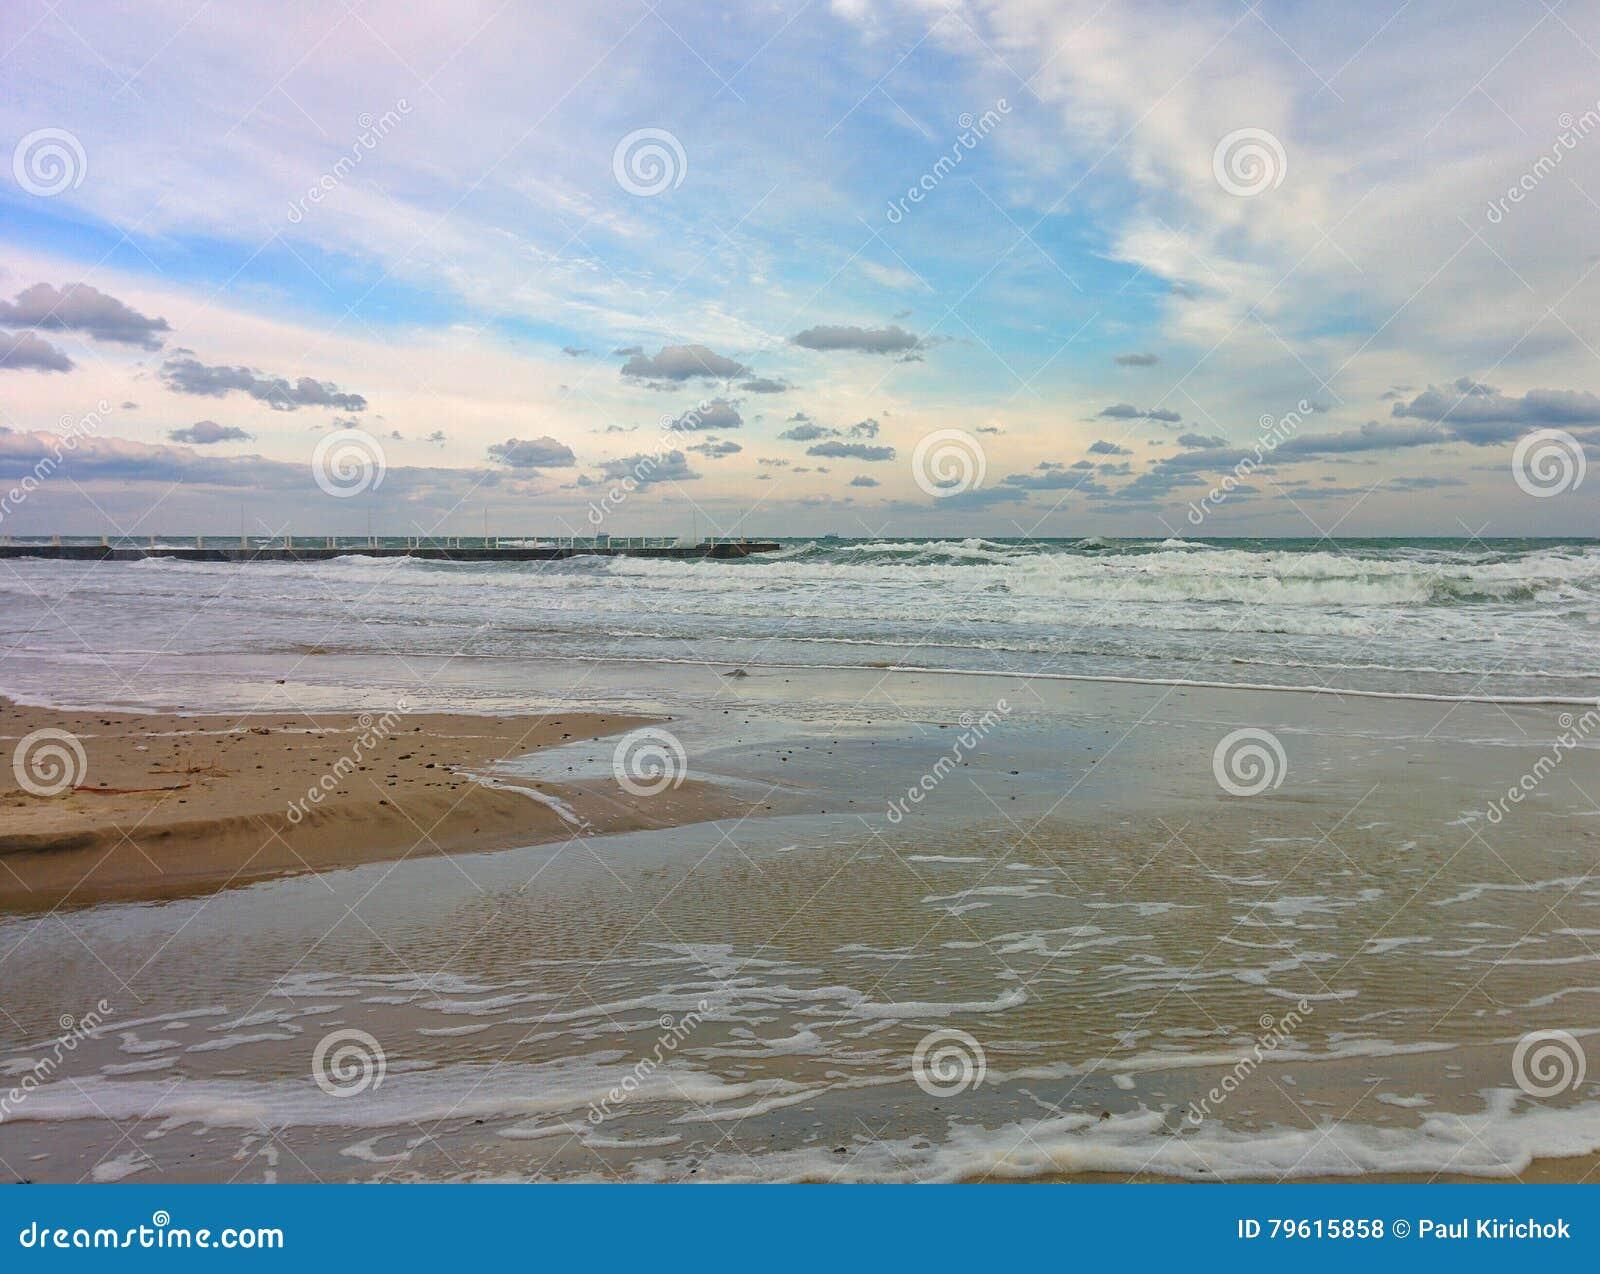 Seascape com praia da areia, o céu nebuloso e as ondas